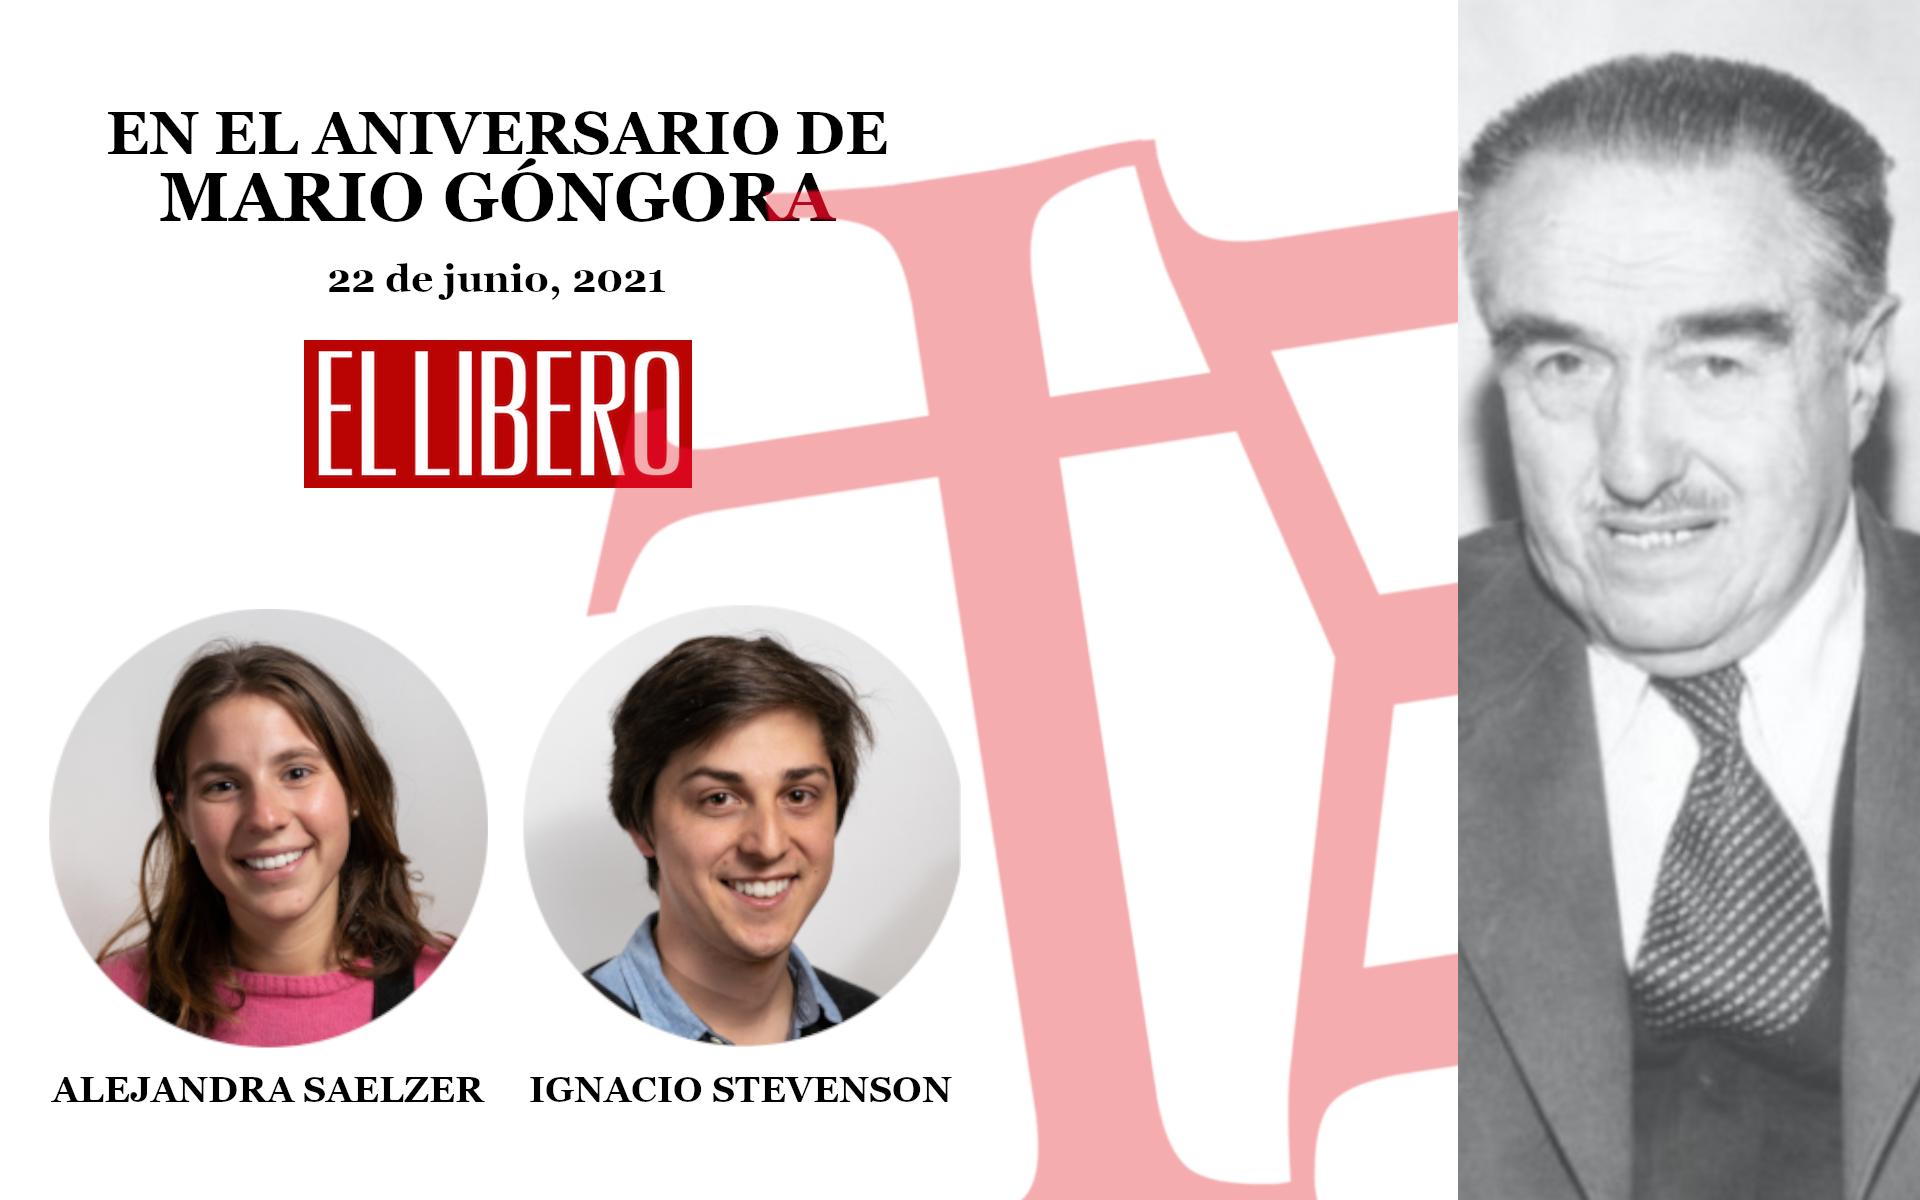 En el aniversario de Mario Góngora